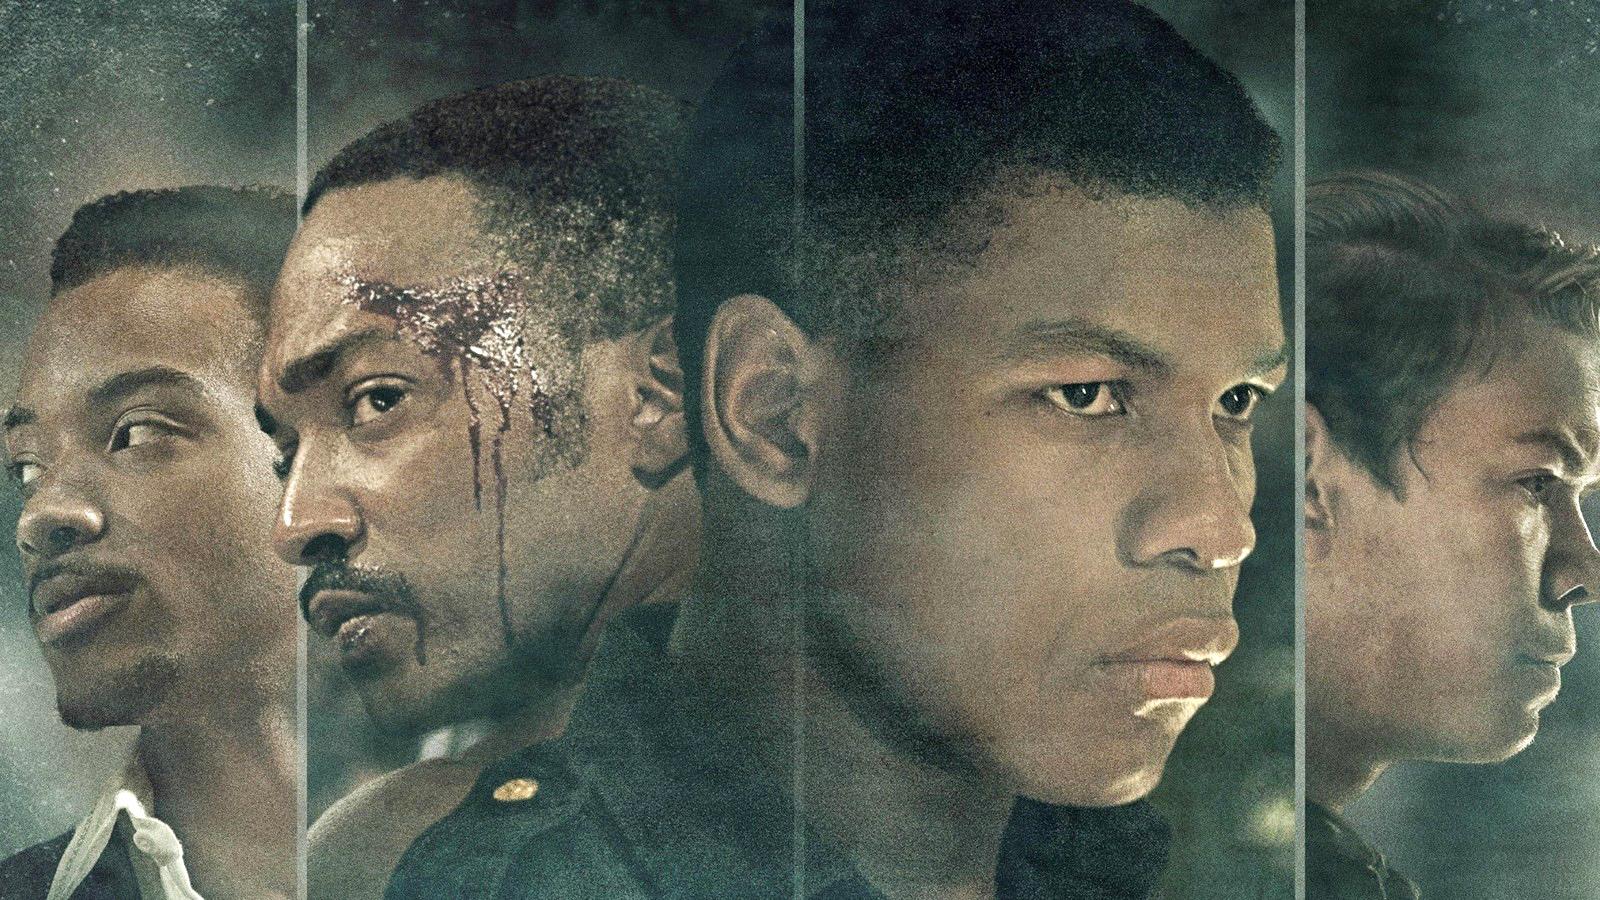 بررسی فیلم Detroit: روایتی تأثیرگذار از بخشی تاریک در تاریخ آمریکا